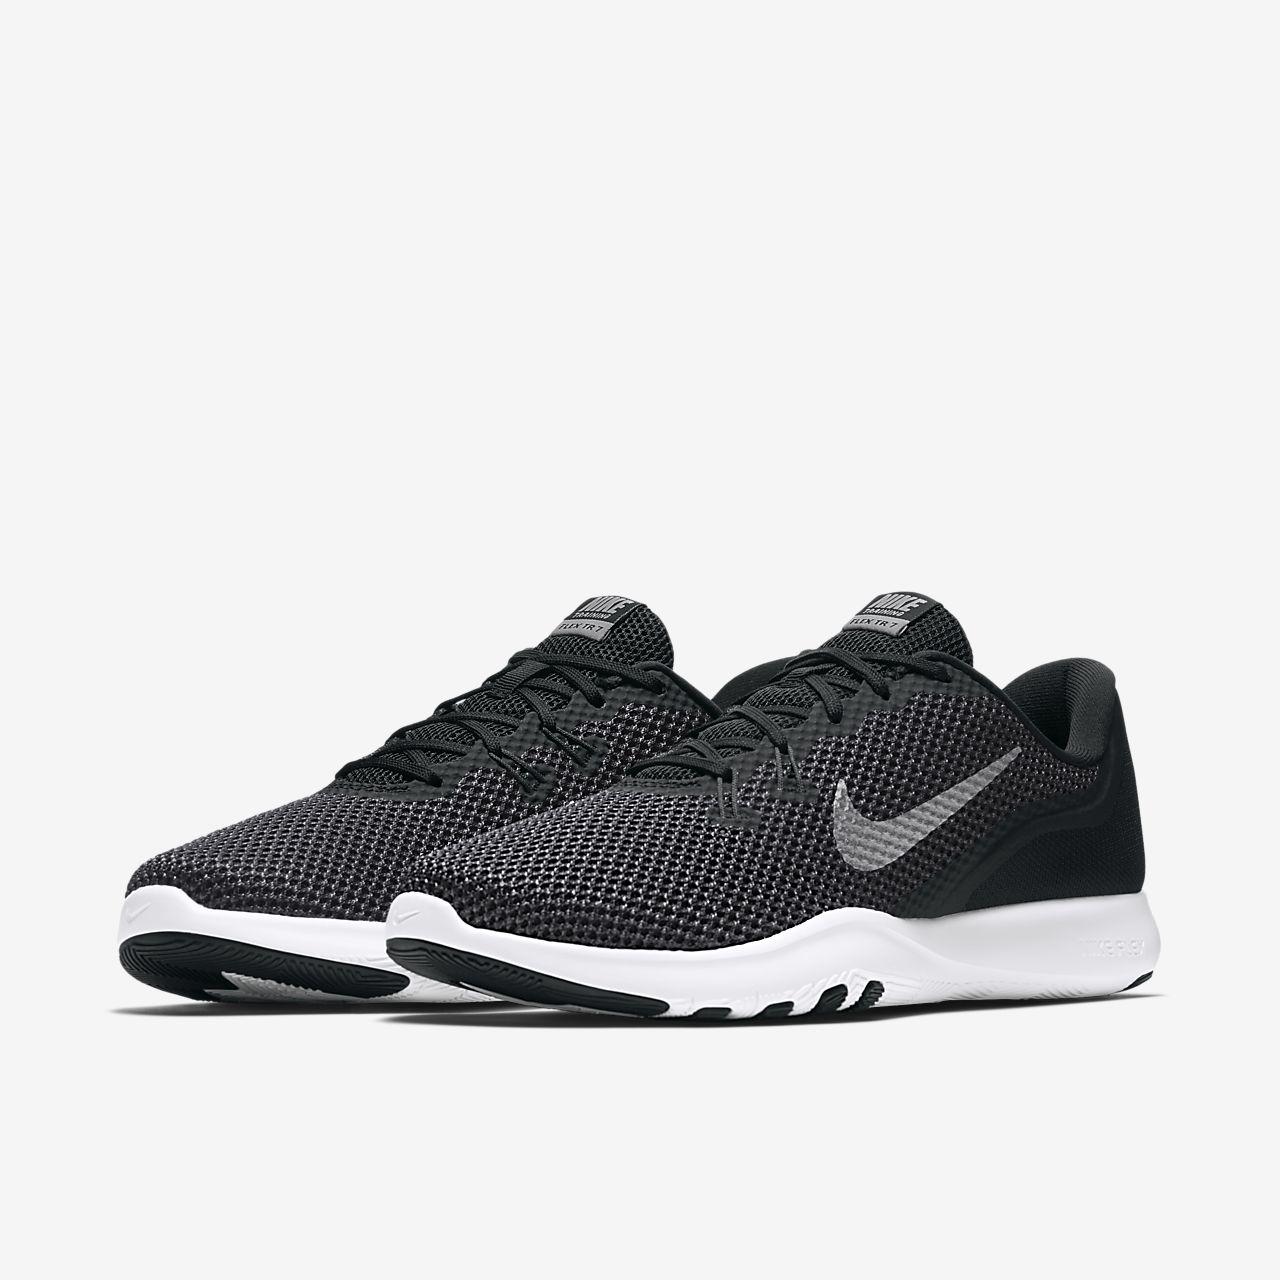 on sale a054c 9f4b8 ... Calzado de gimnasio, danza y aerobic para mujer Nike Flex Trainer 7